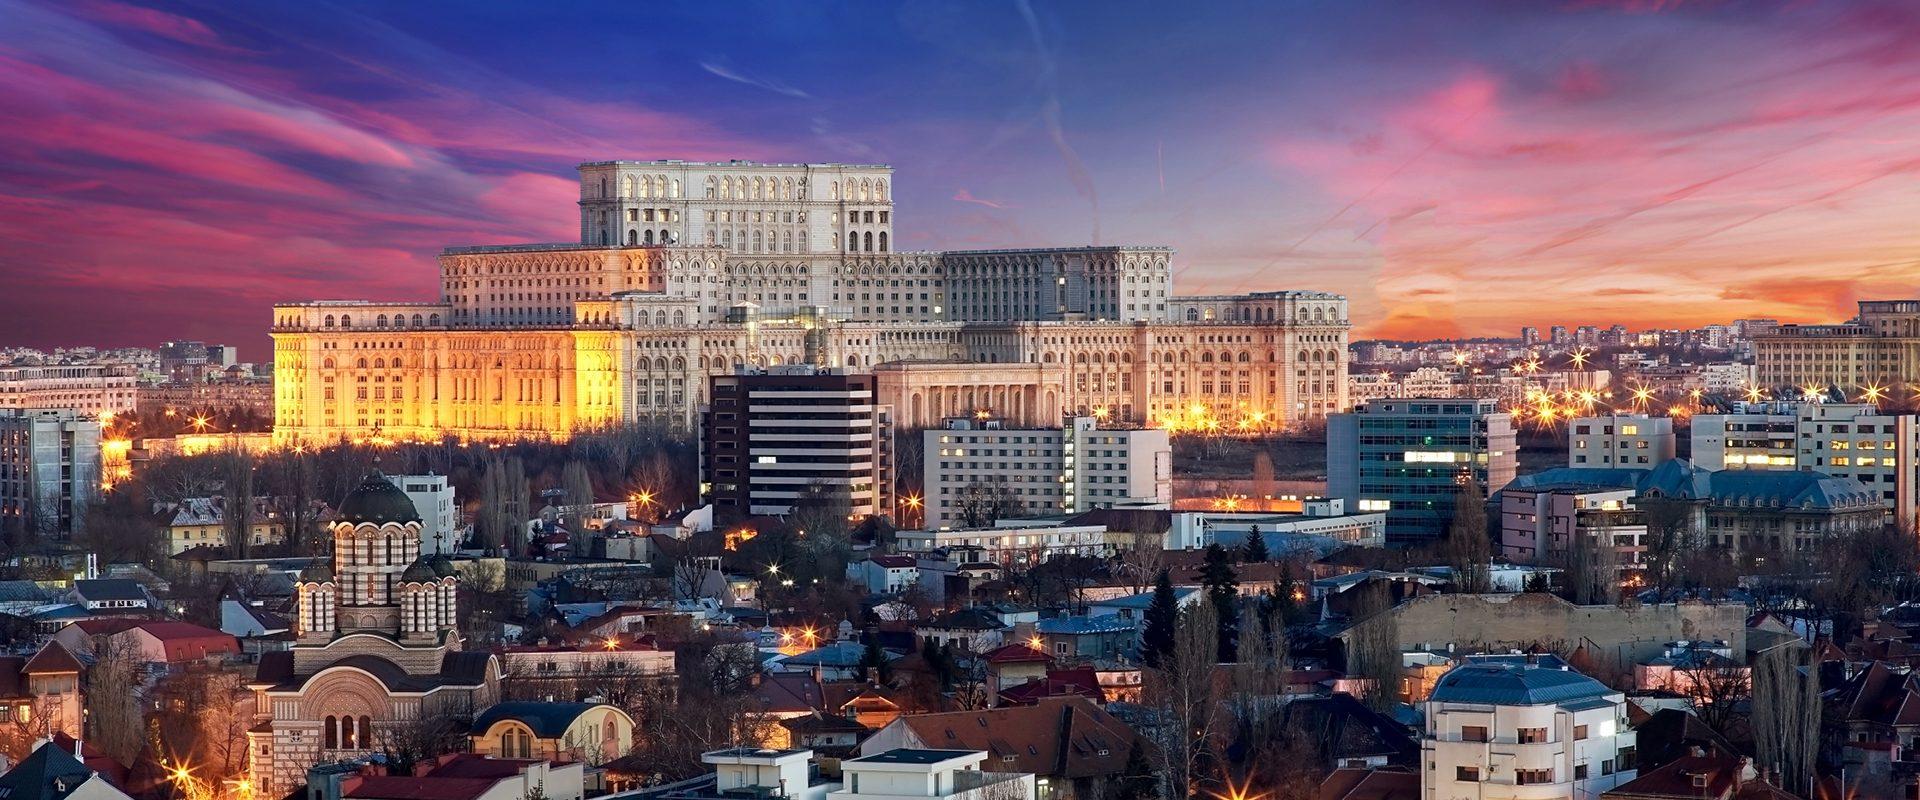 România, în atenția presei internaționale